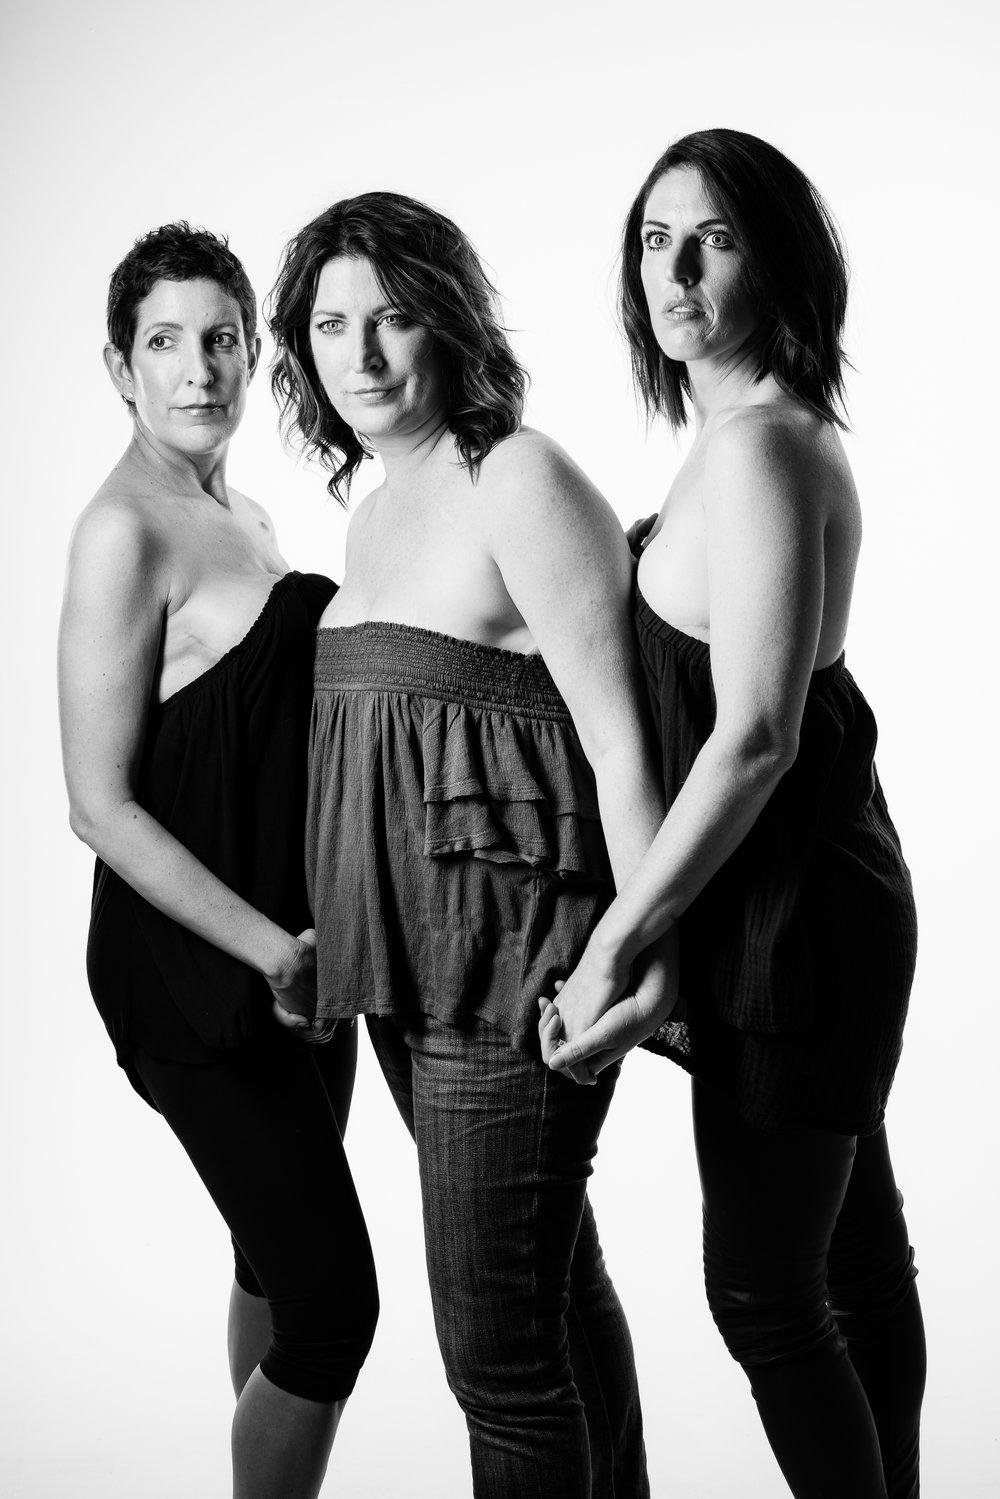 Katie-and-sisters-113.jpg